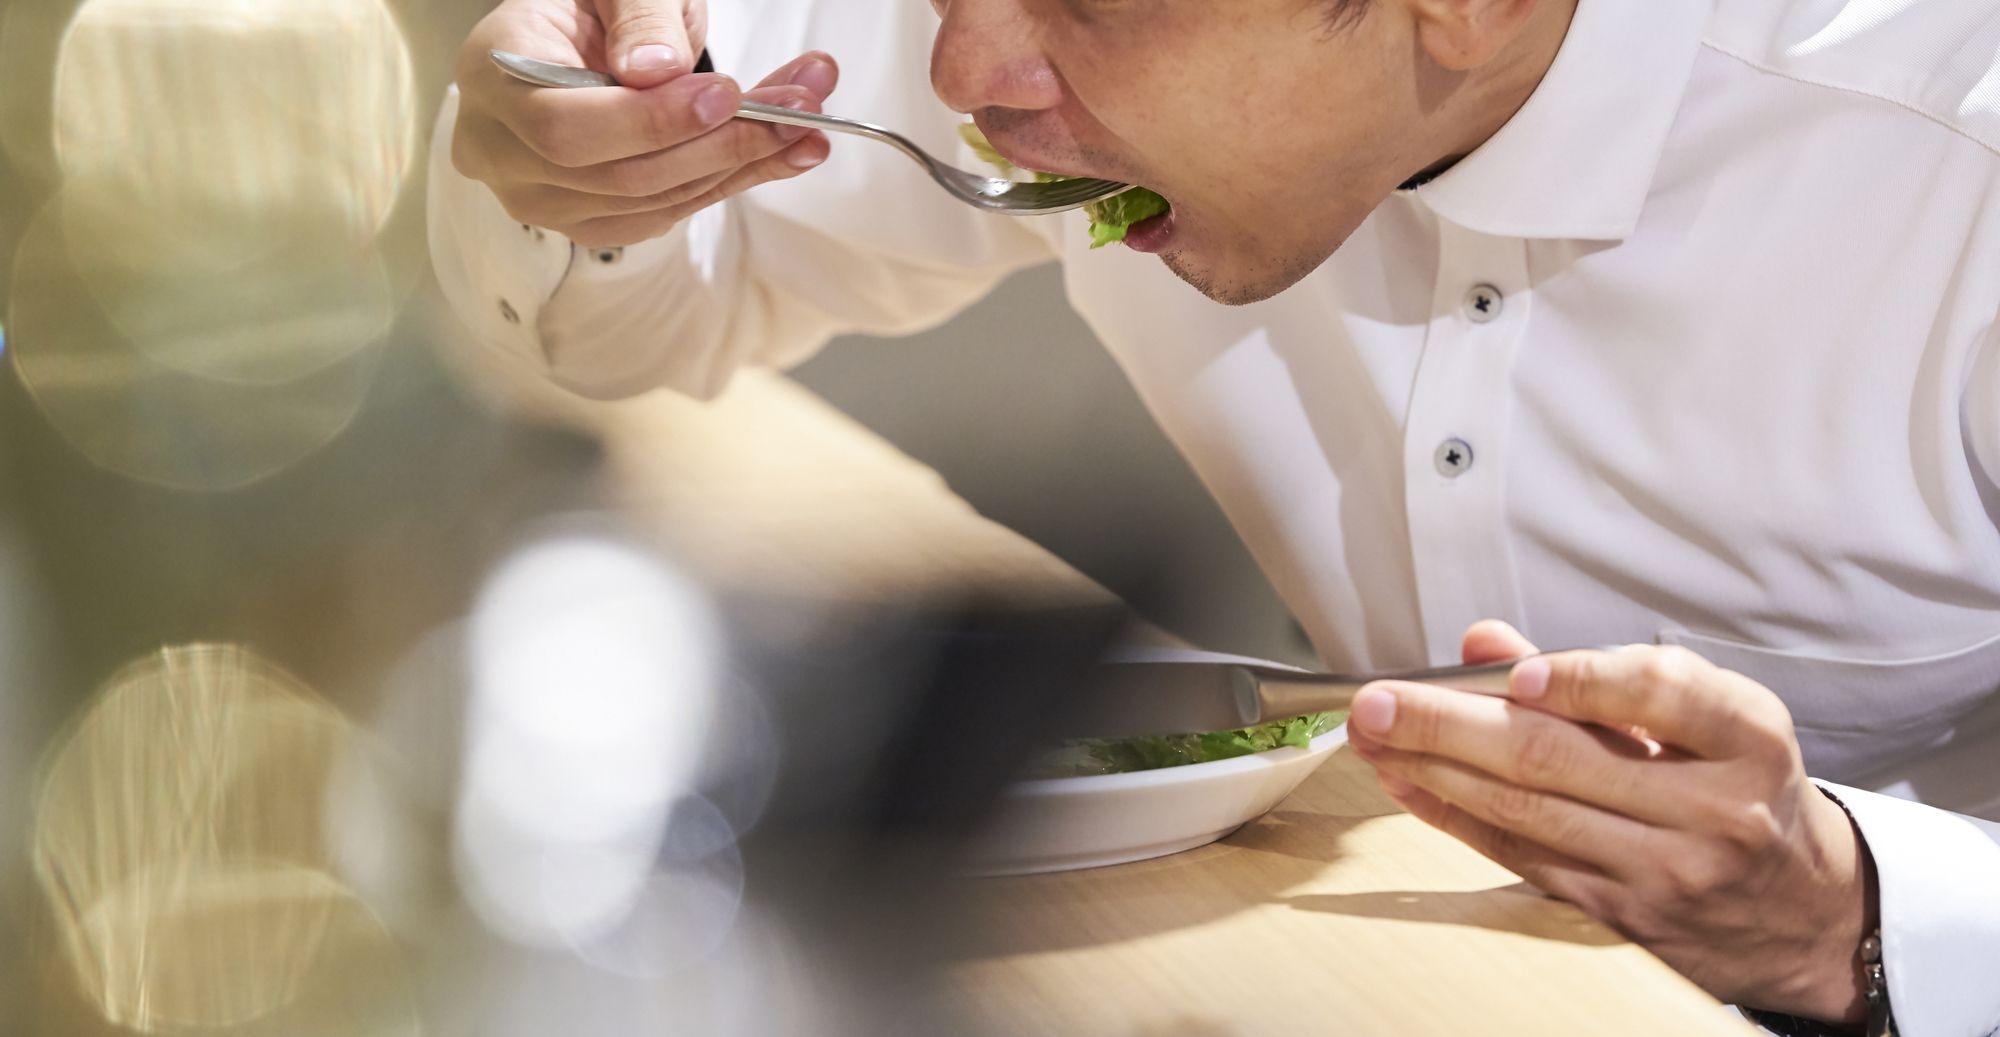 現代日本人の腸内環境は「発がん物質まみれ」